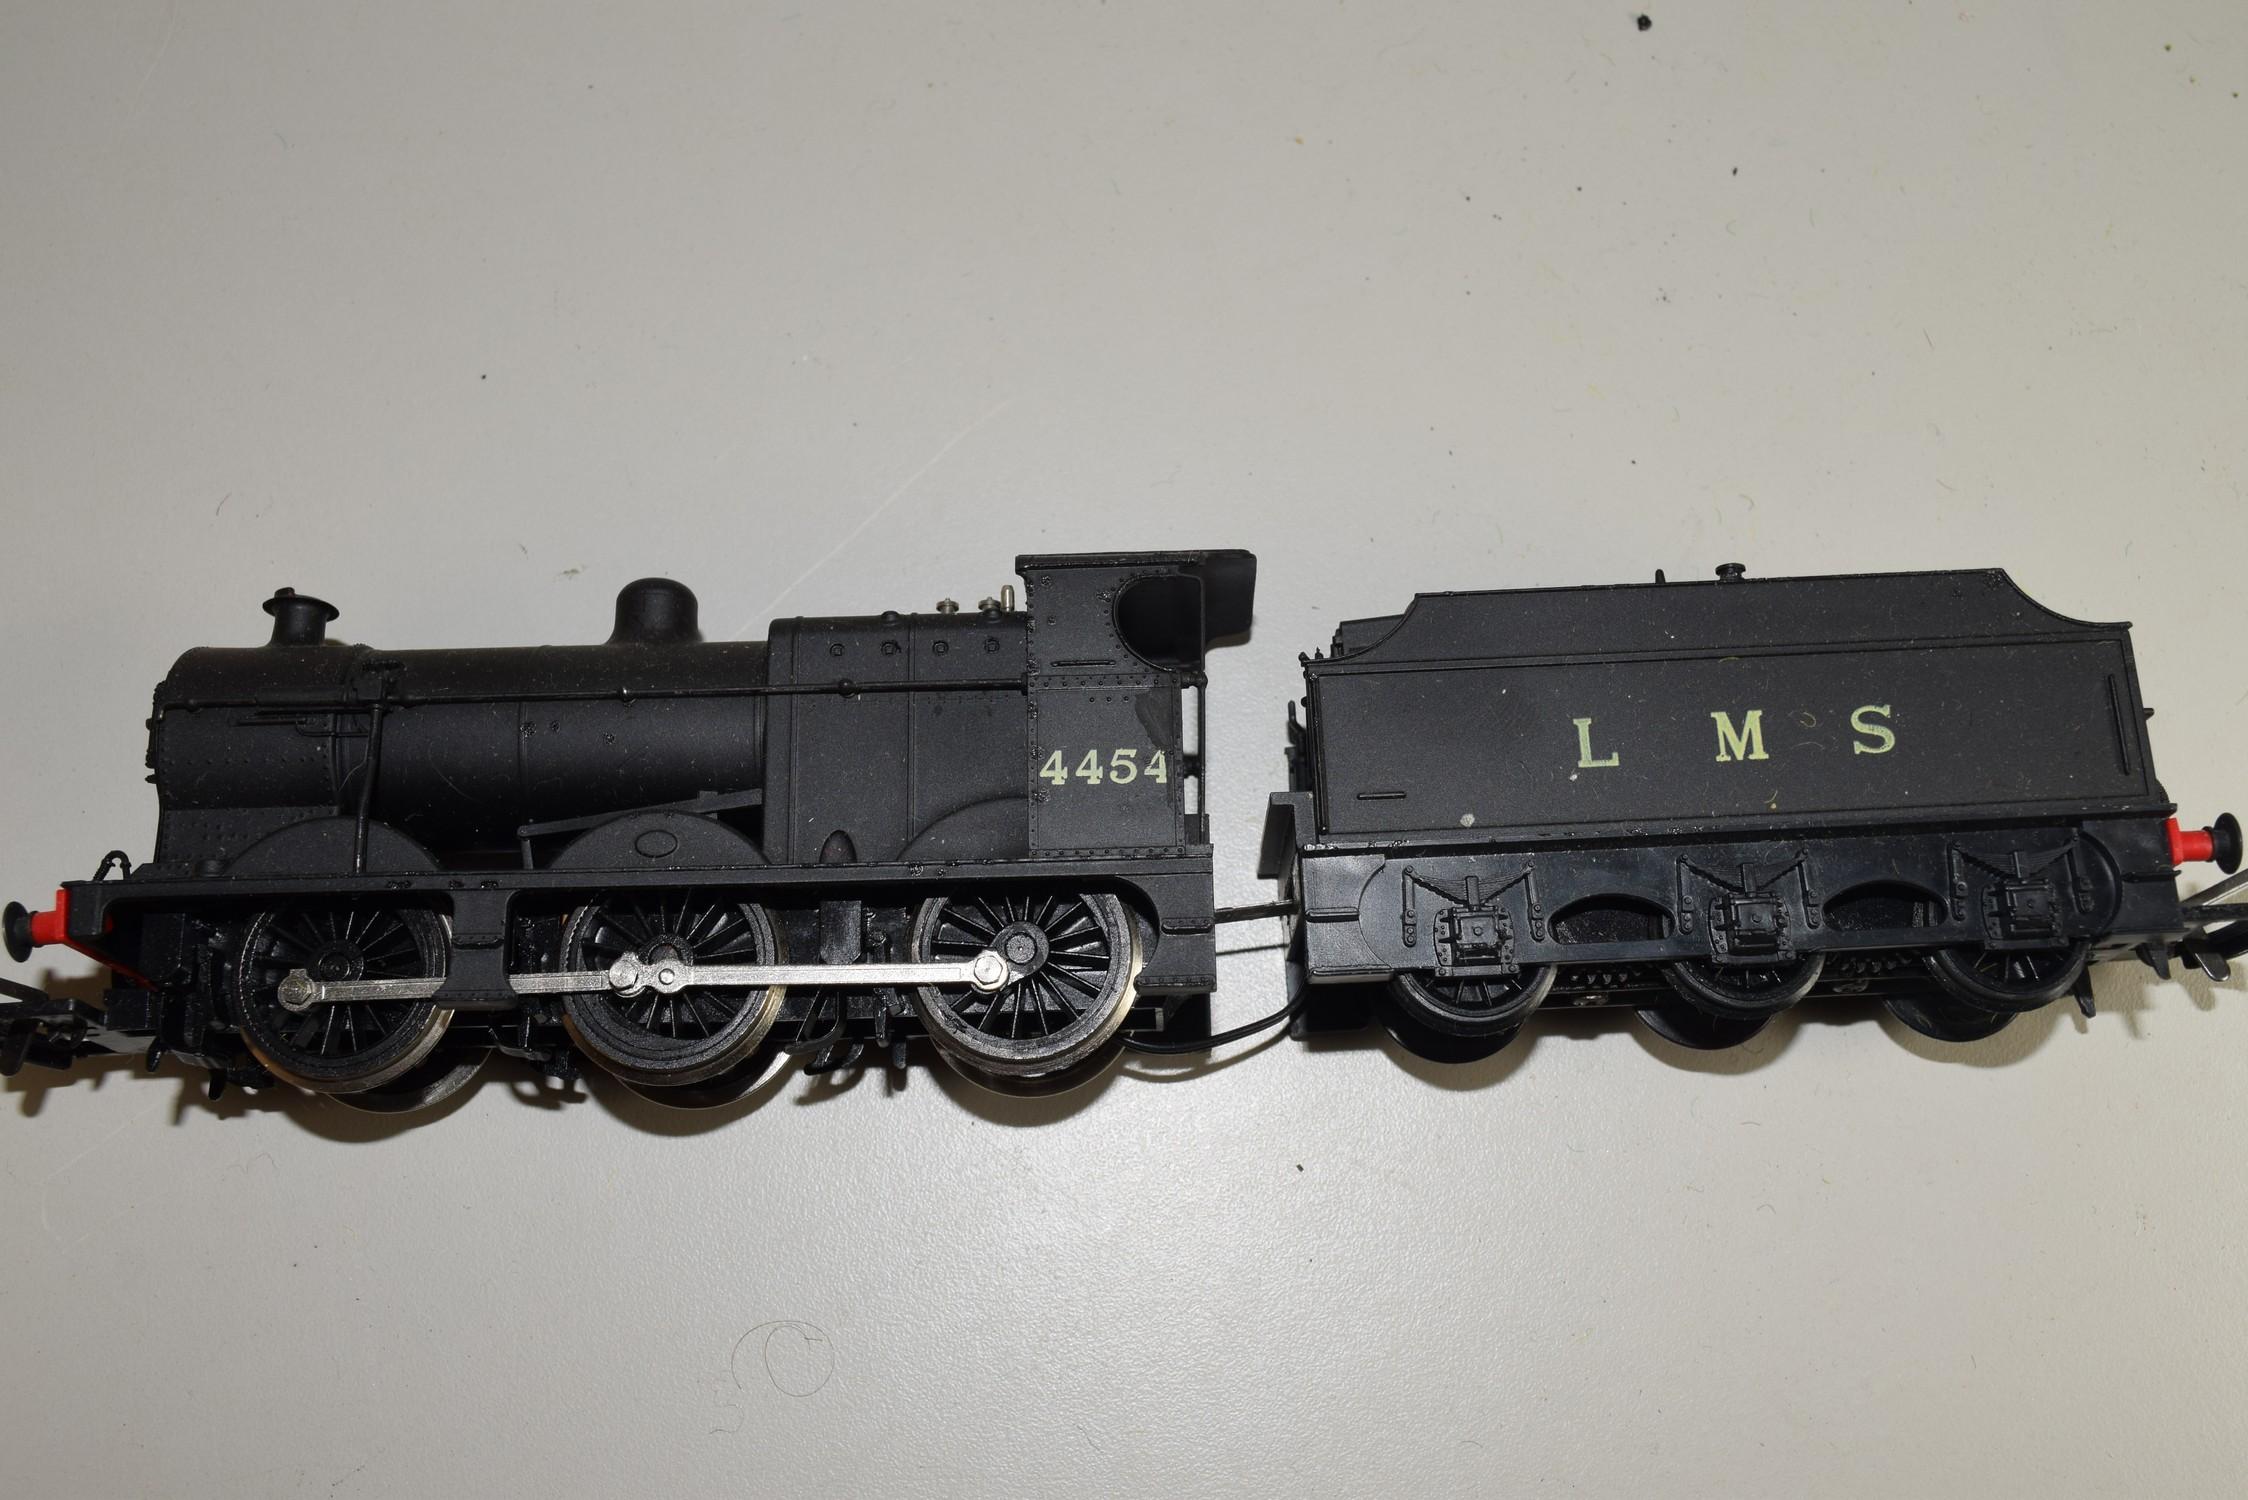 Unboxed 00 gauge Airfix locomotive no 4454